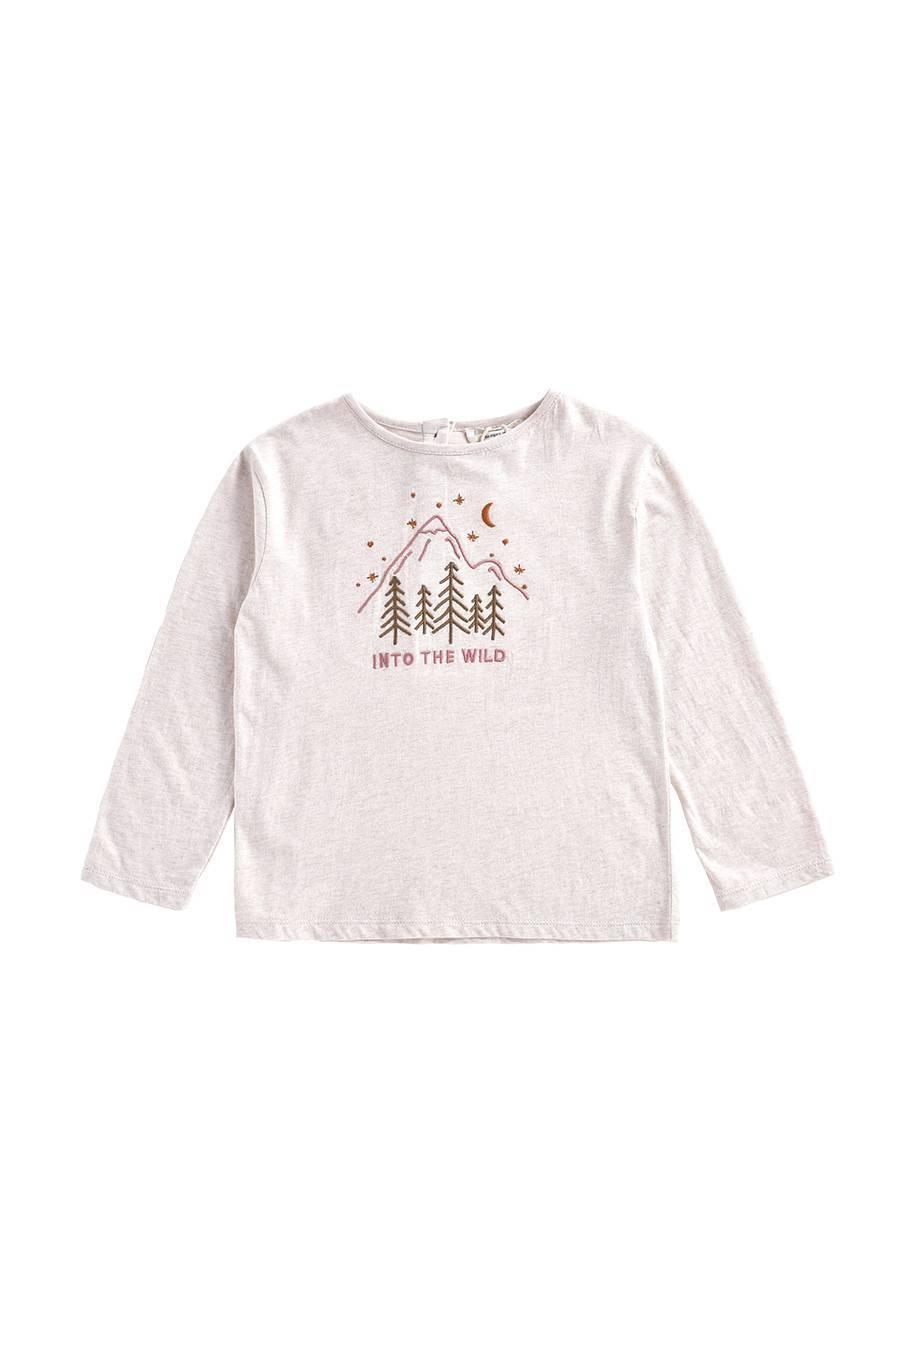 boheme chic vintage t-shirt bébé garcon abi crème